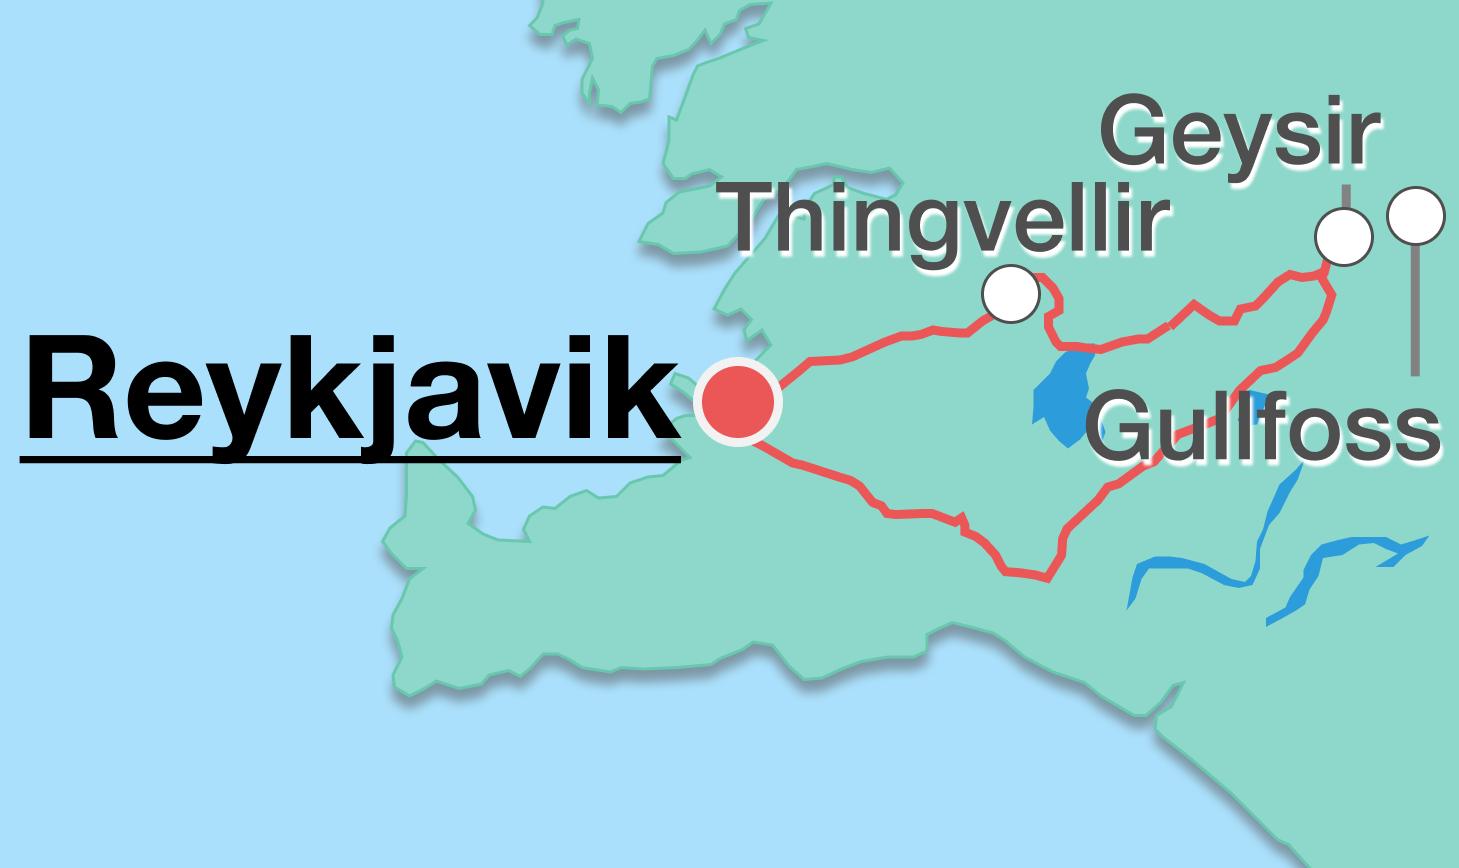 Kaart van de route van de Gouden Cirkel in IJsland van Reykjavík, naar Thingvellir, naar Geysir, naar Gullfoss en teug naar Reykjavík